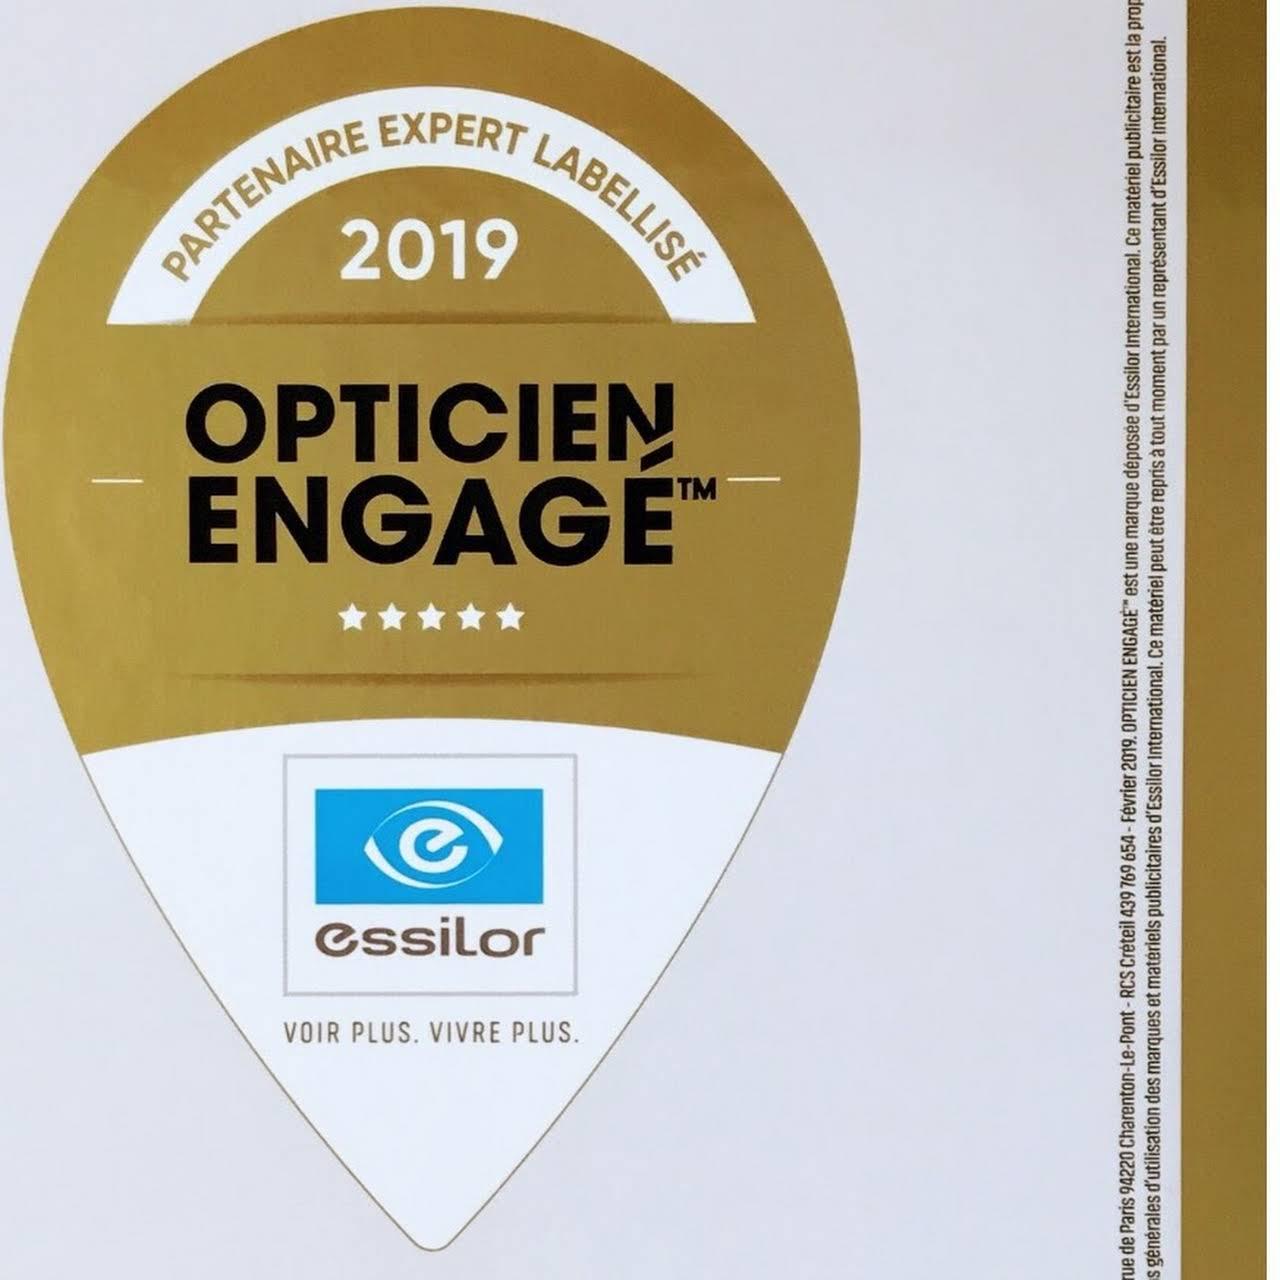 c6be7b5446 o30 l'Opticien - Clélia & David depuis 2006 - Opticien et Lunetier à ...